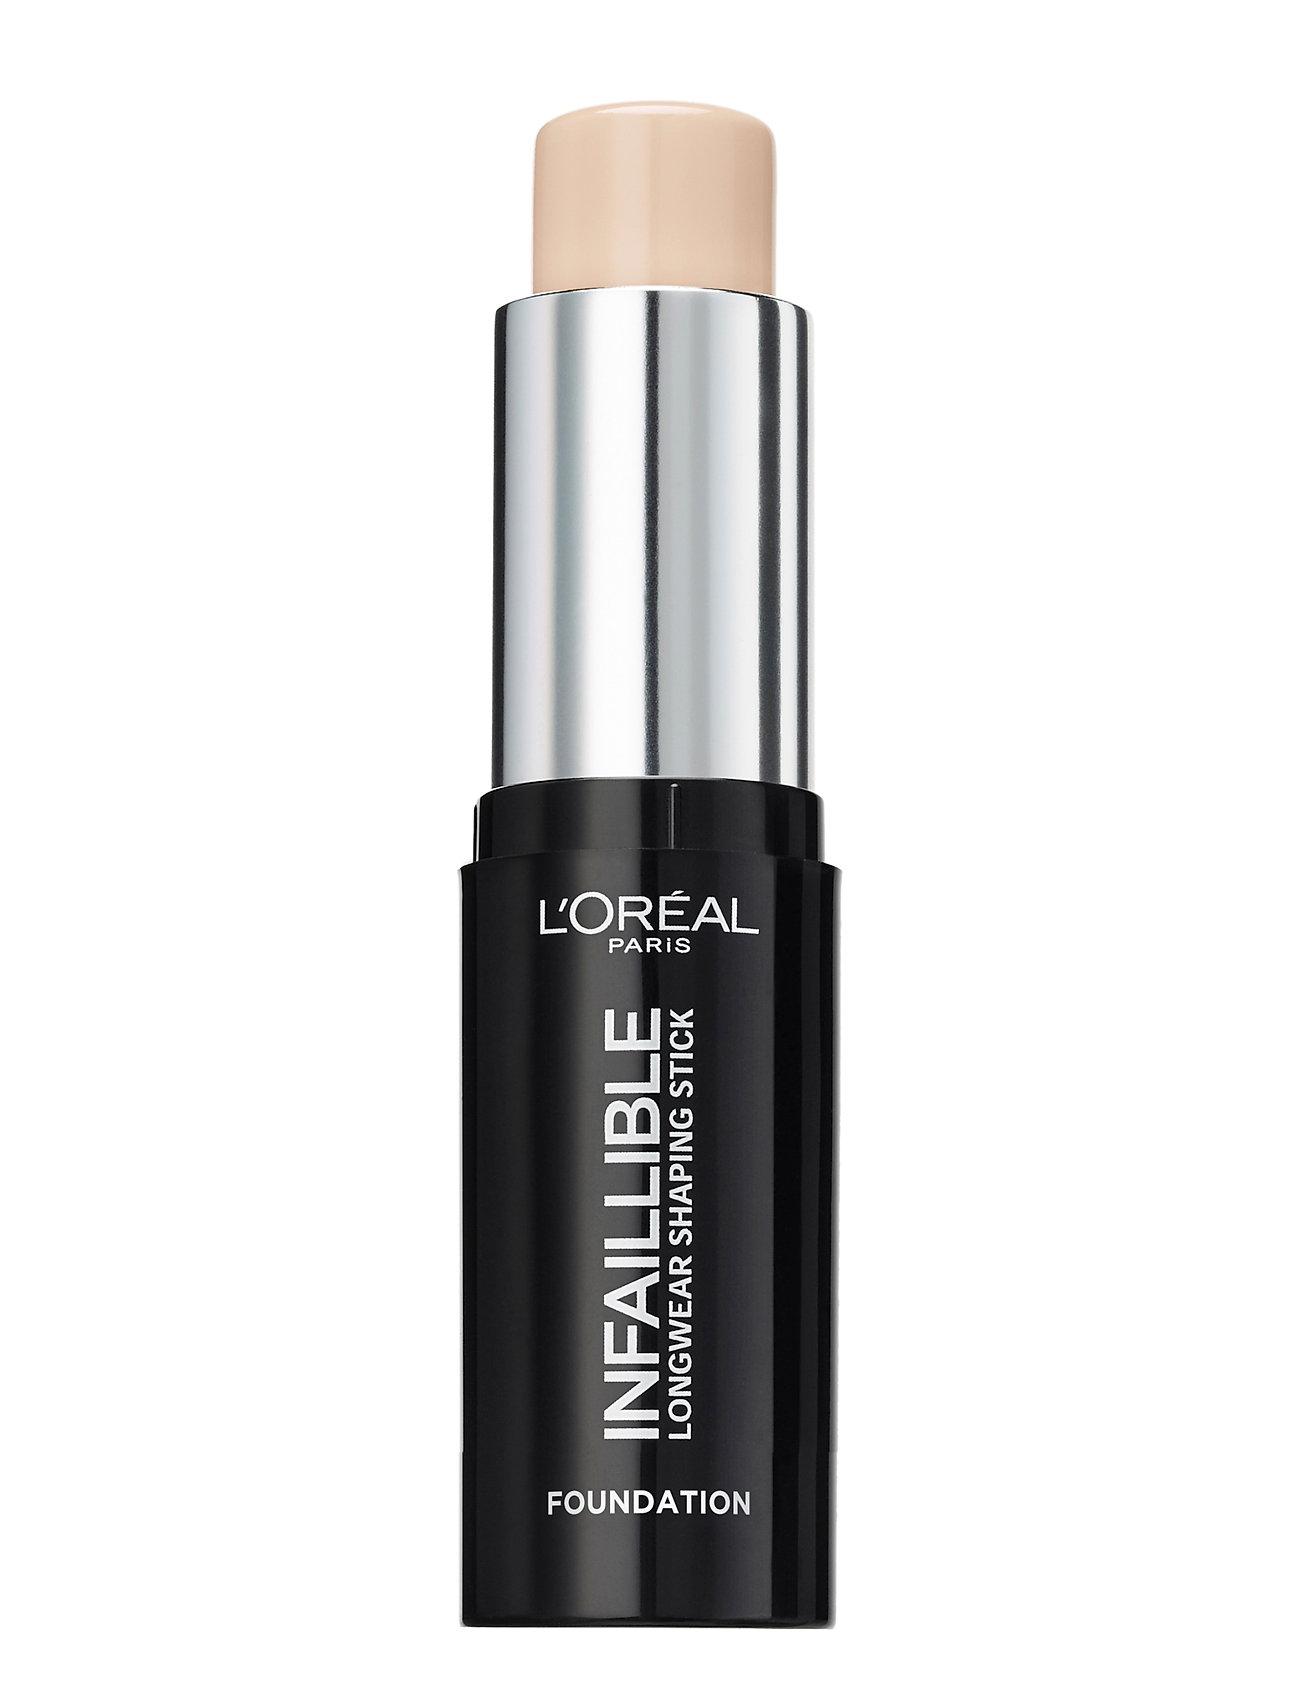 L'Oréal Paris Infallible Stick Foundation - 120 VANILLE ROSE/R